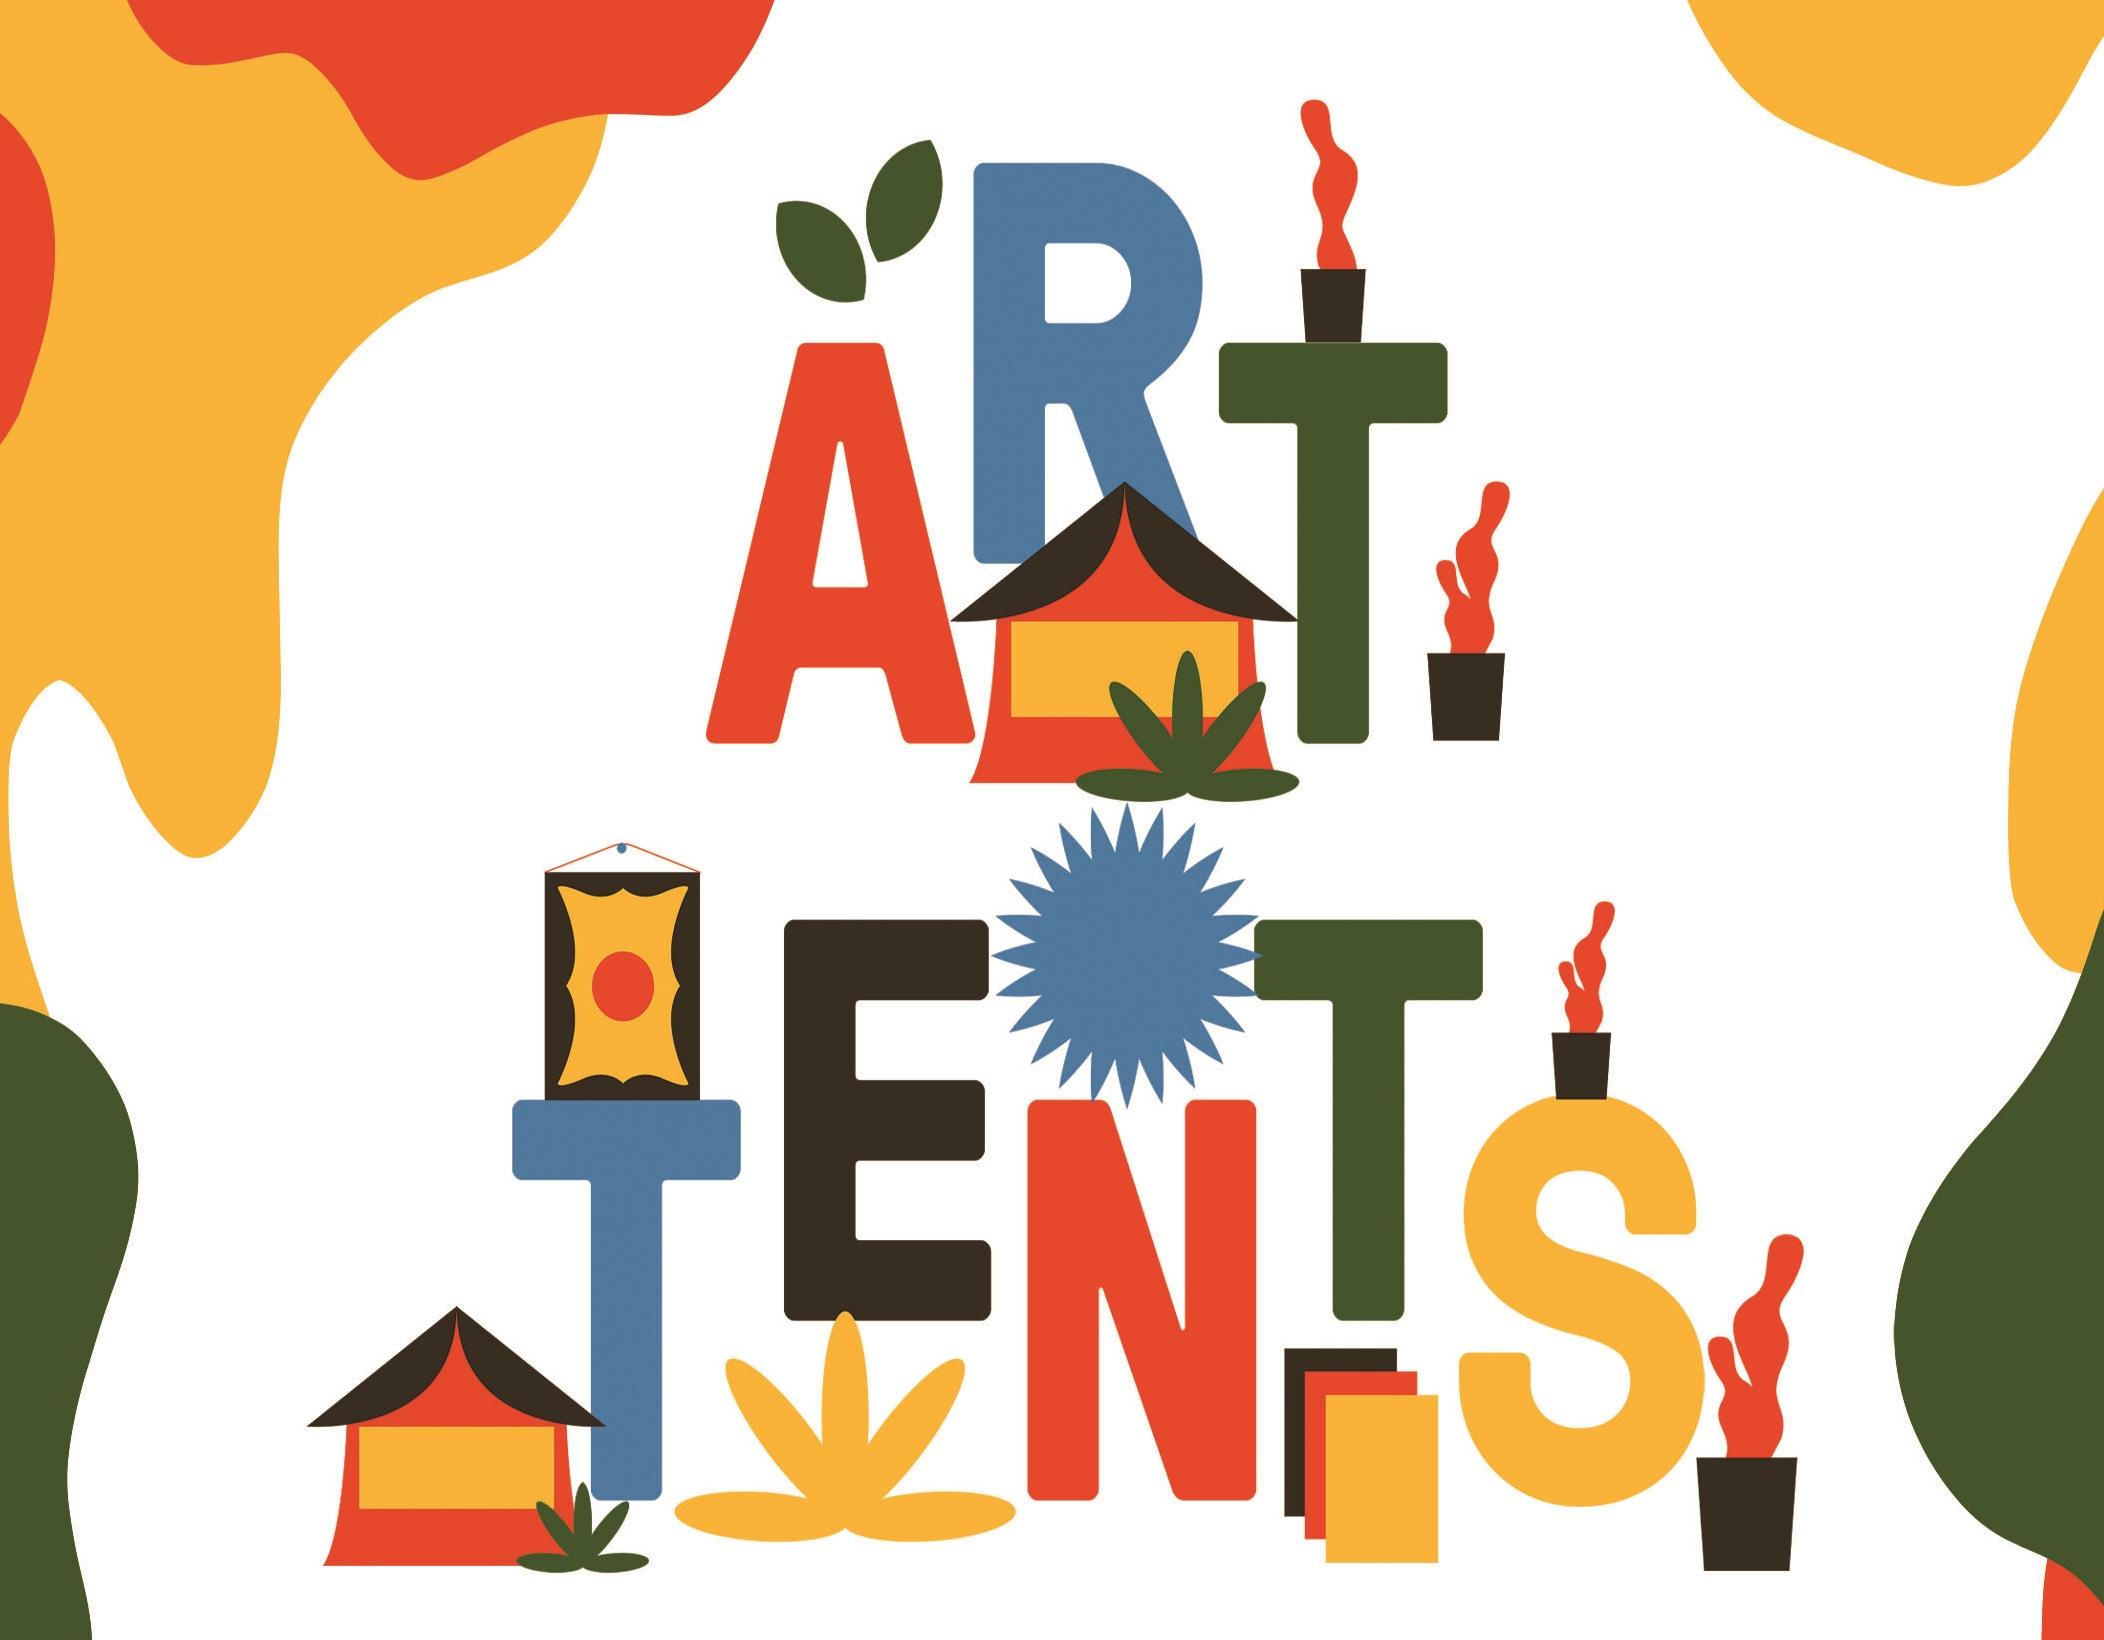 Art Tents 2020